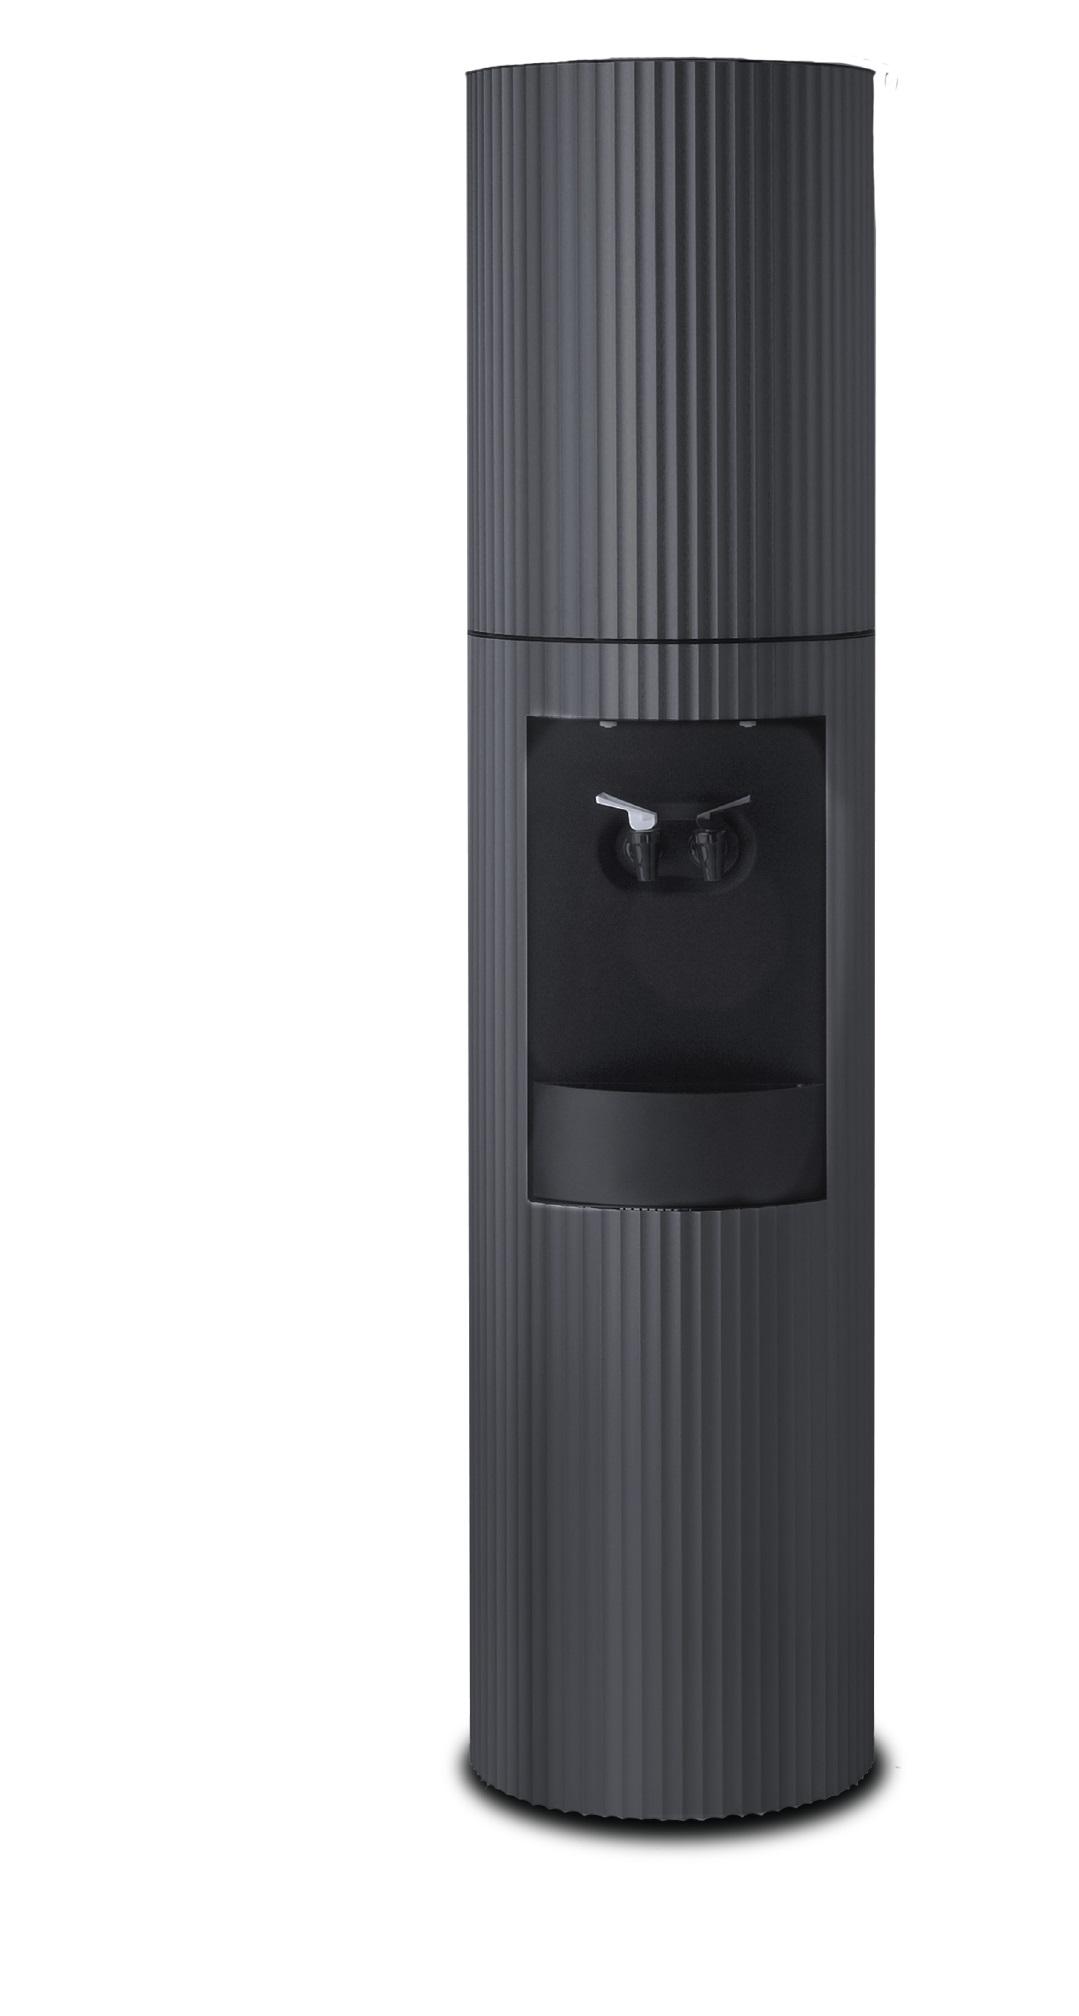 Celsius Bottled Water Dispenser Water Cooler Home